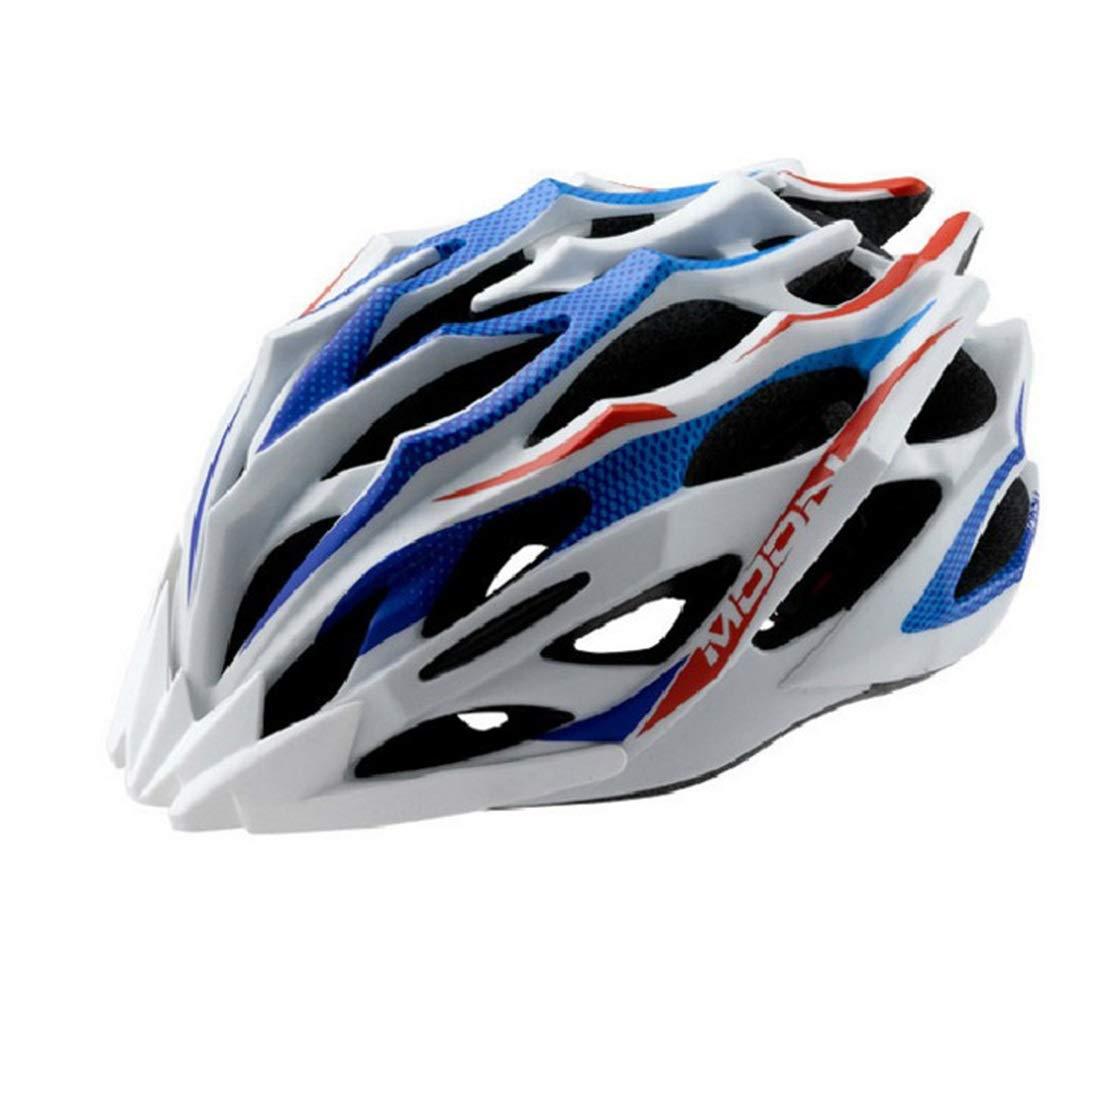 2019超人気 Nekovan 自転車用ヘルメット、屋外用サイクリング愛好家に最適な自転車用安全ヘルメット。 (Color : : 01, (Color Large サイズ : L) Large 1 B07QHG2SPT, 雑貨max:adefed8c --- arianechie.dominiotemporario.com